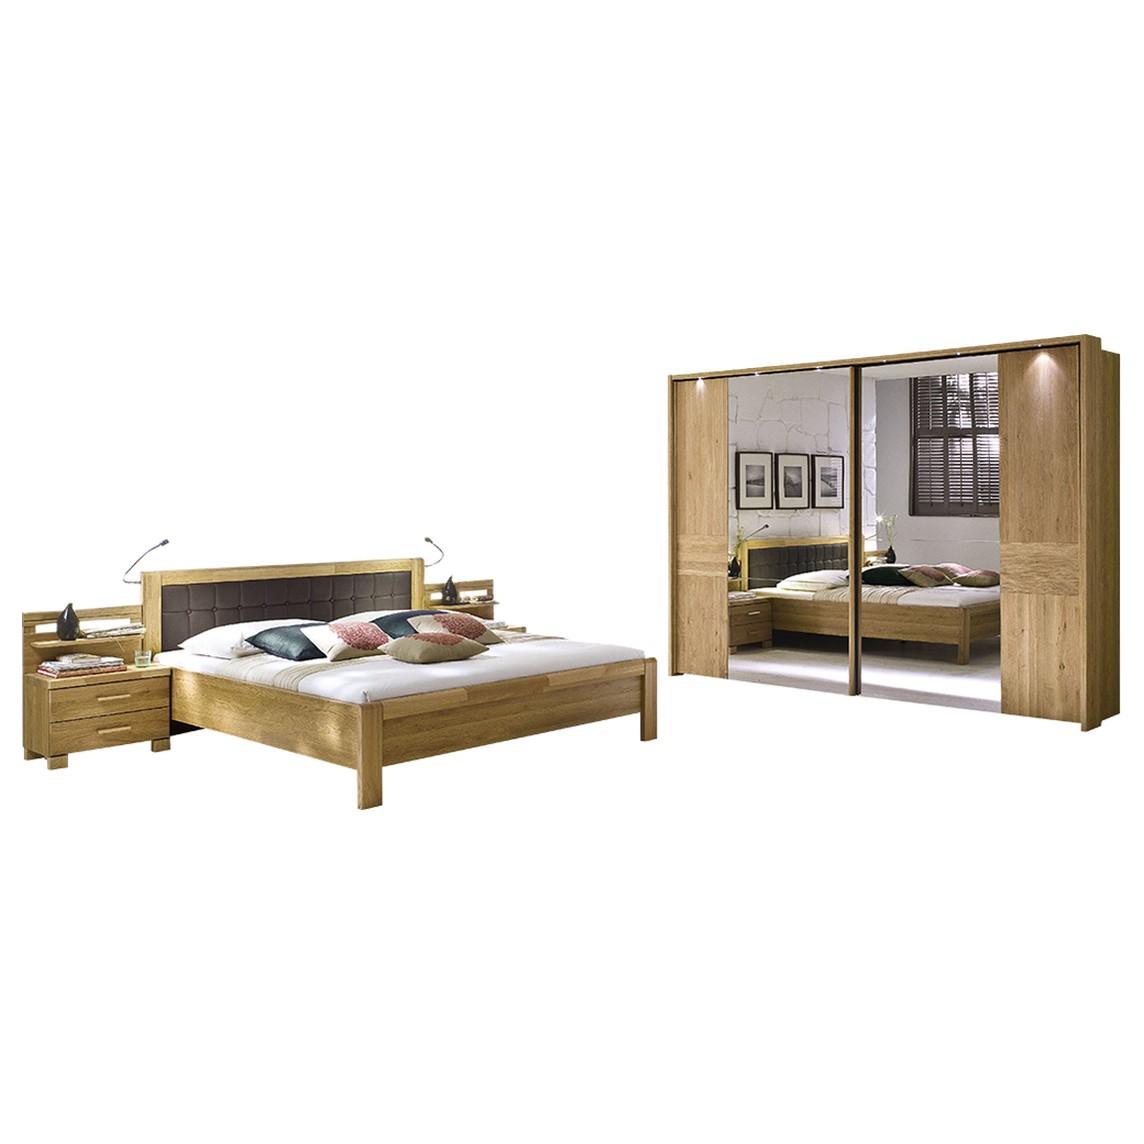 Schlafzimmer Bari – Eiche Natur – 92 cm x 189 cm x 210 cm, Althoff jetzt bestellen